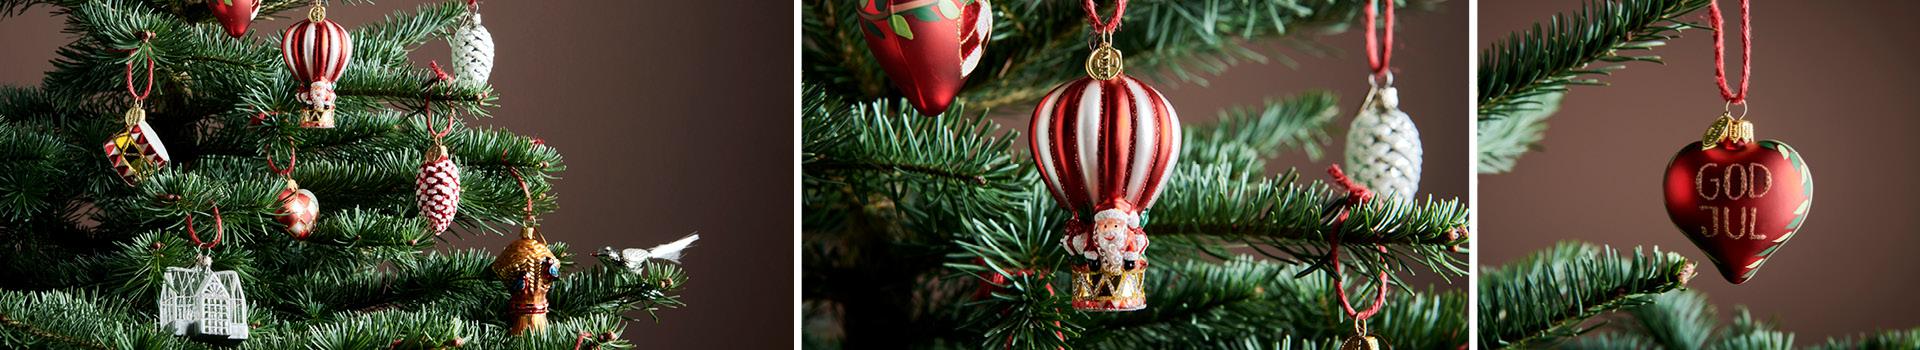 Brink-Nordic-juletrepynt-juledekorasjoner-d.jpg